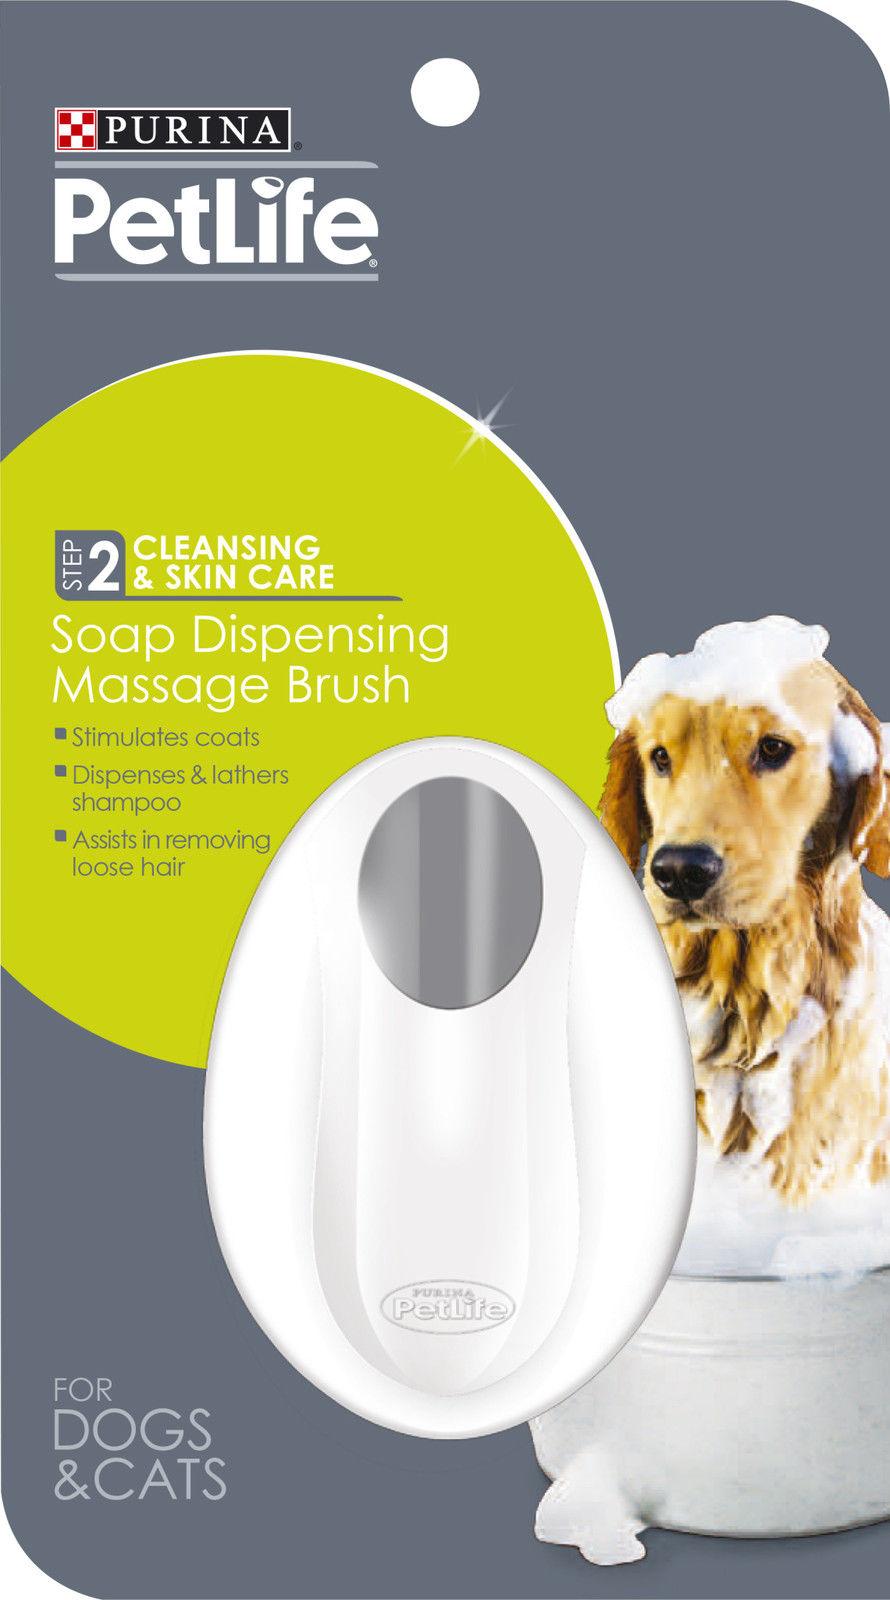 Purina Petlife Soap Dispensing Brush